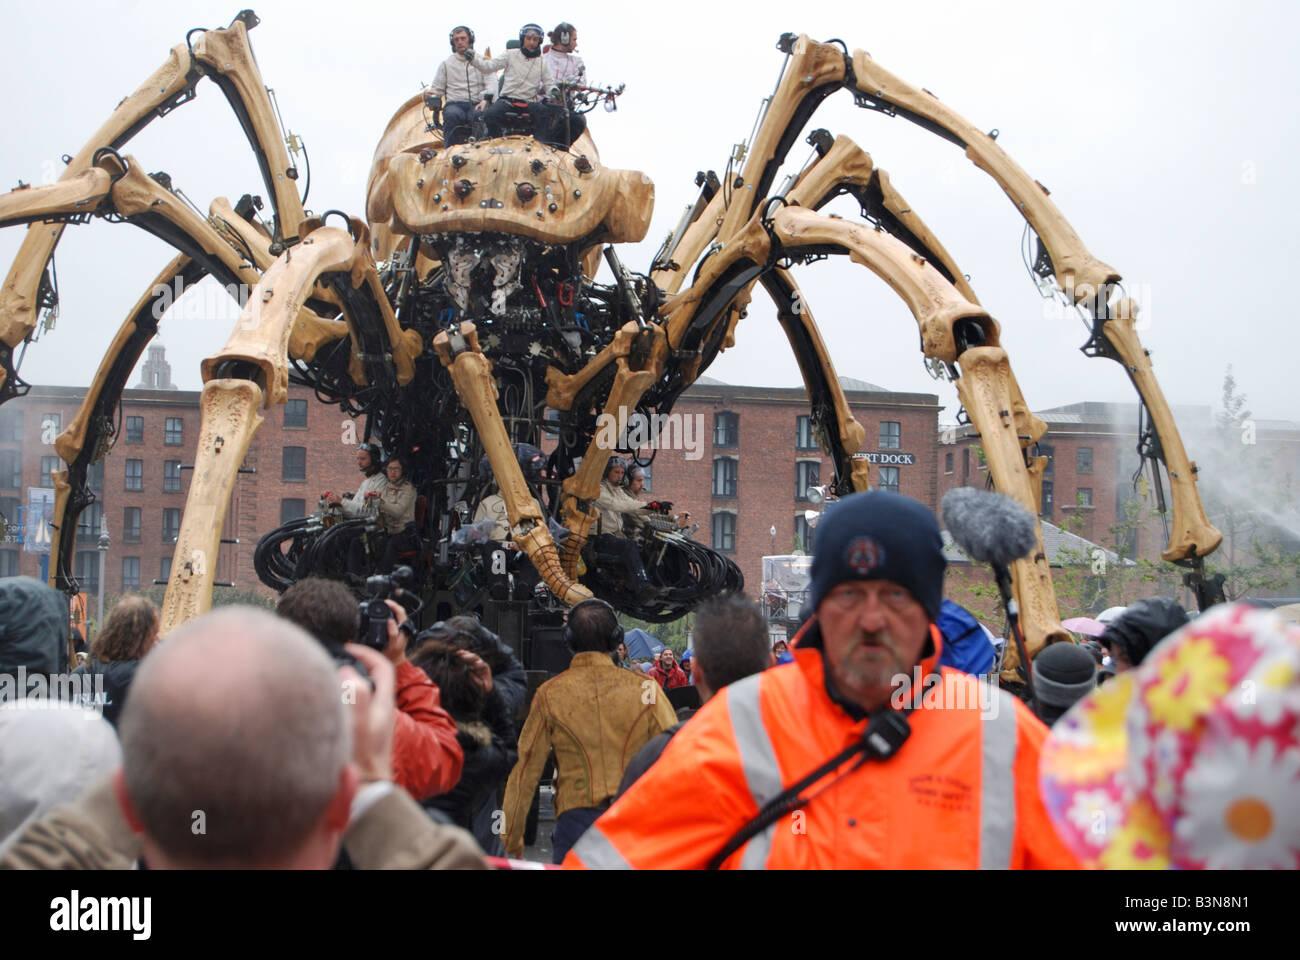 La princesse la création de François Delaroziere et la machine menace au-dessus de la foule lors d'une journée pluvieuse à Liverpool Banque D'Images